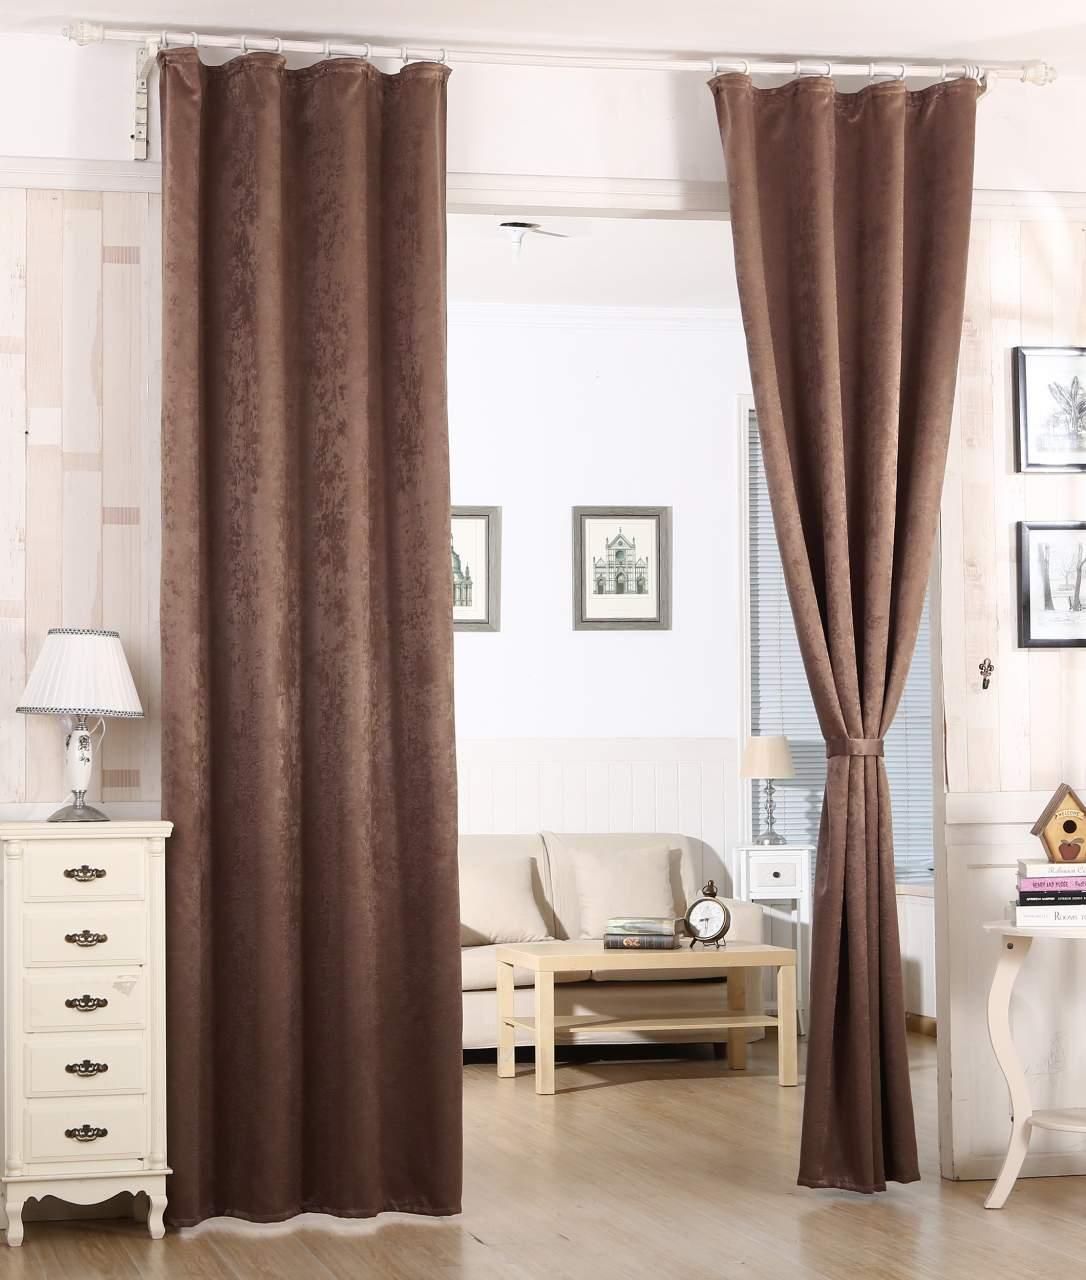 WOLTU 135 x 175 cm Gardine Vorhang blickdicht Thermo-Gardine Thermo Hell-Grau